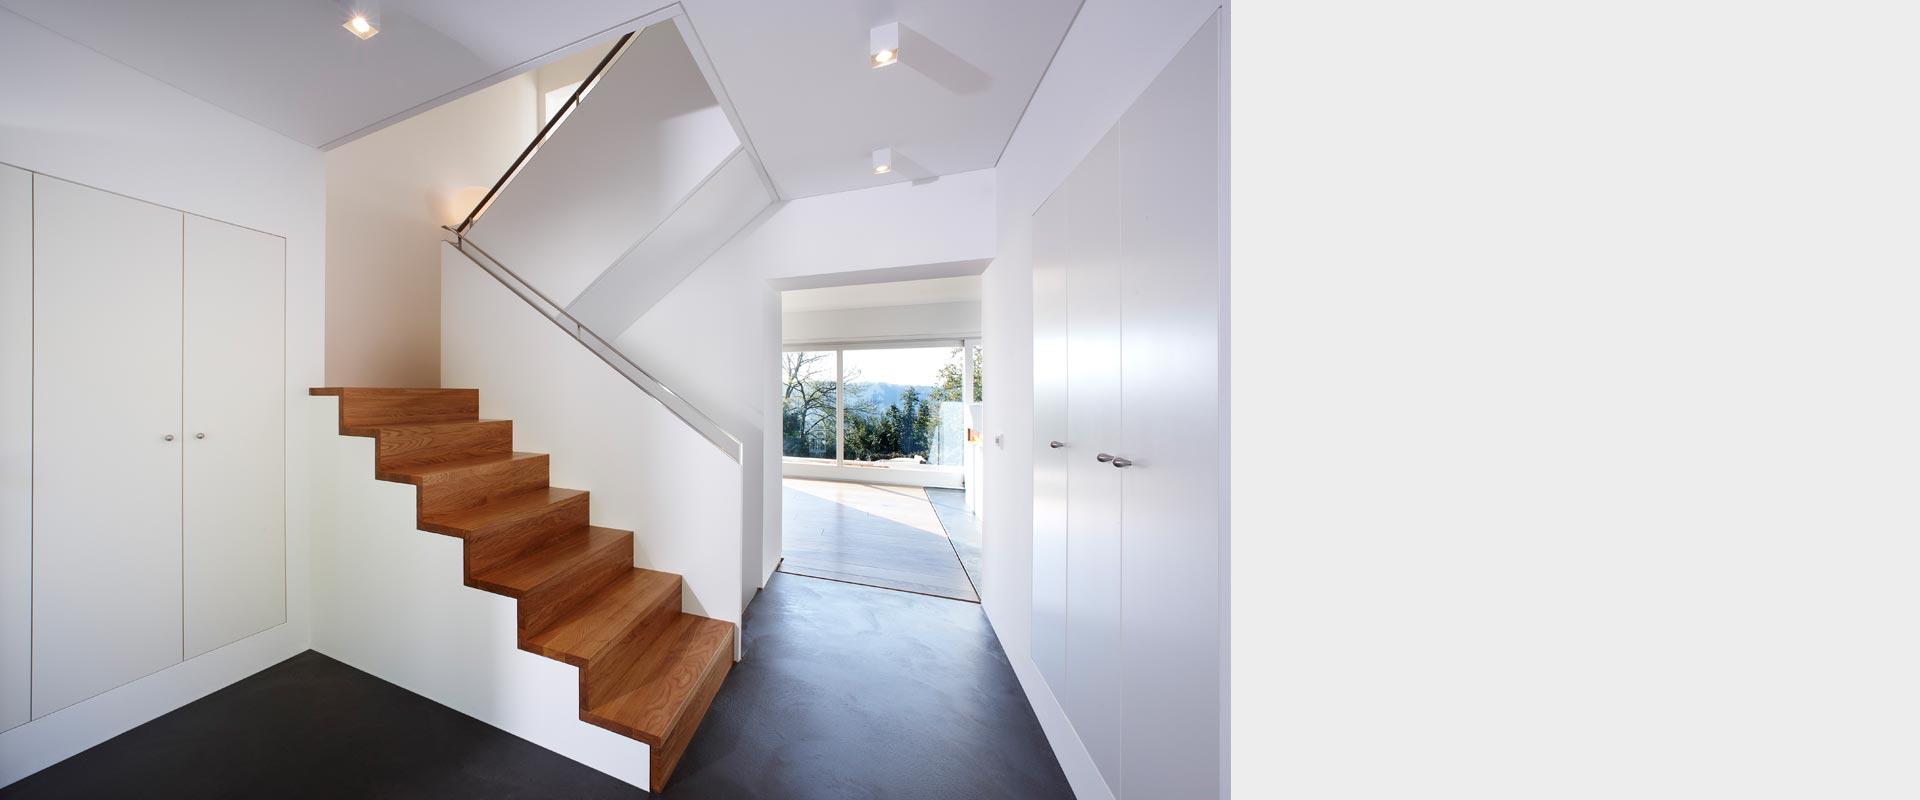 architekturbuero_henning_musahl_waldshut_wohnhaus_s_07